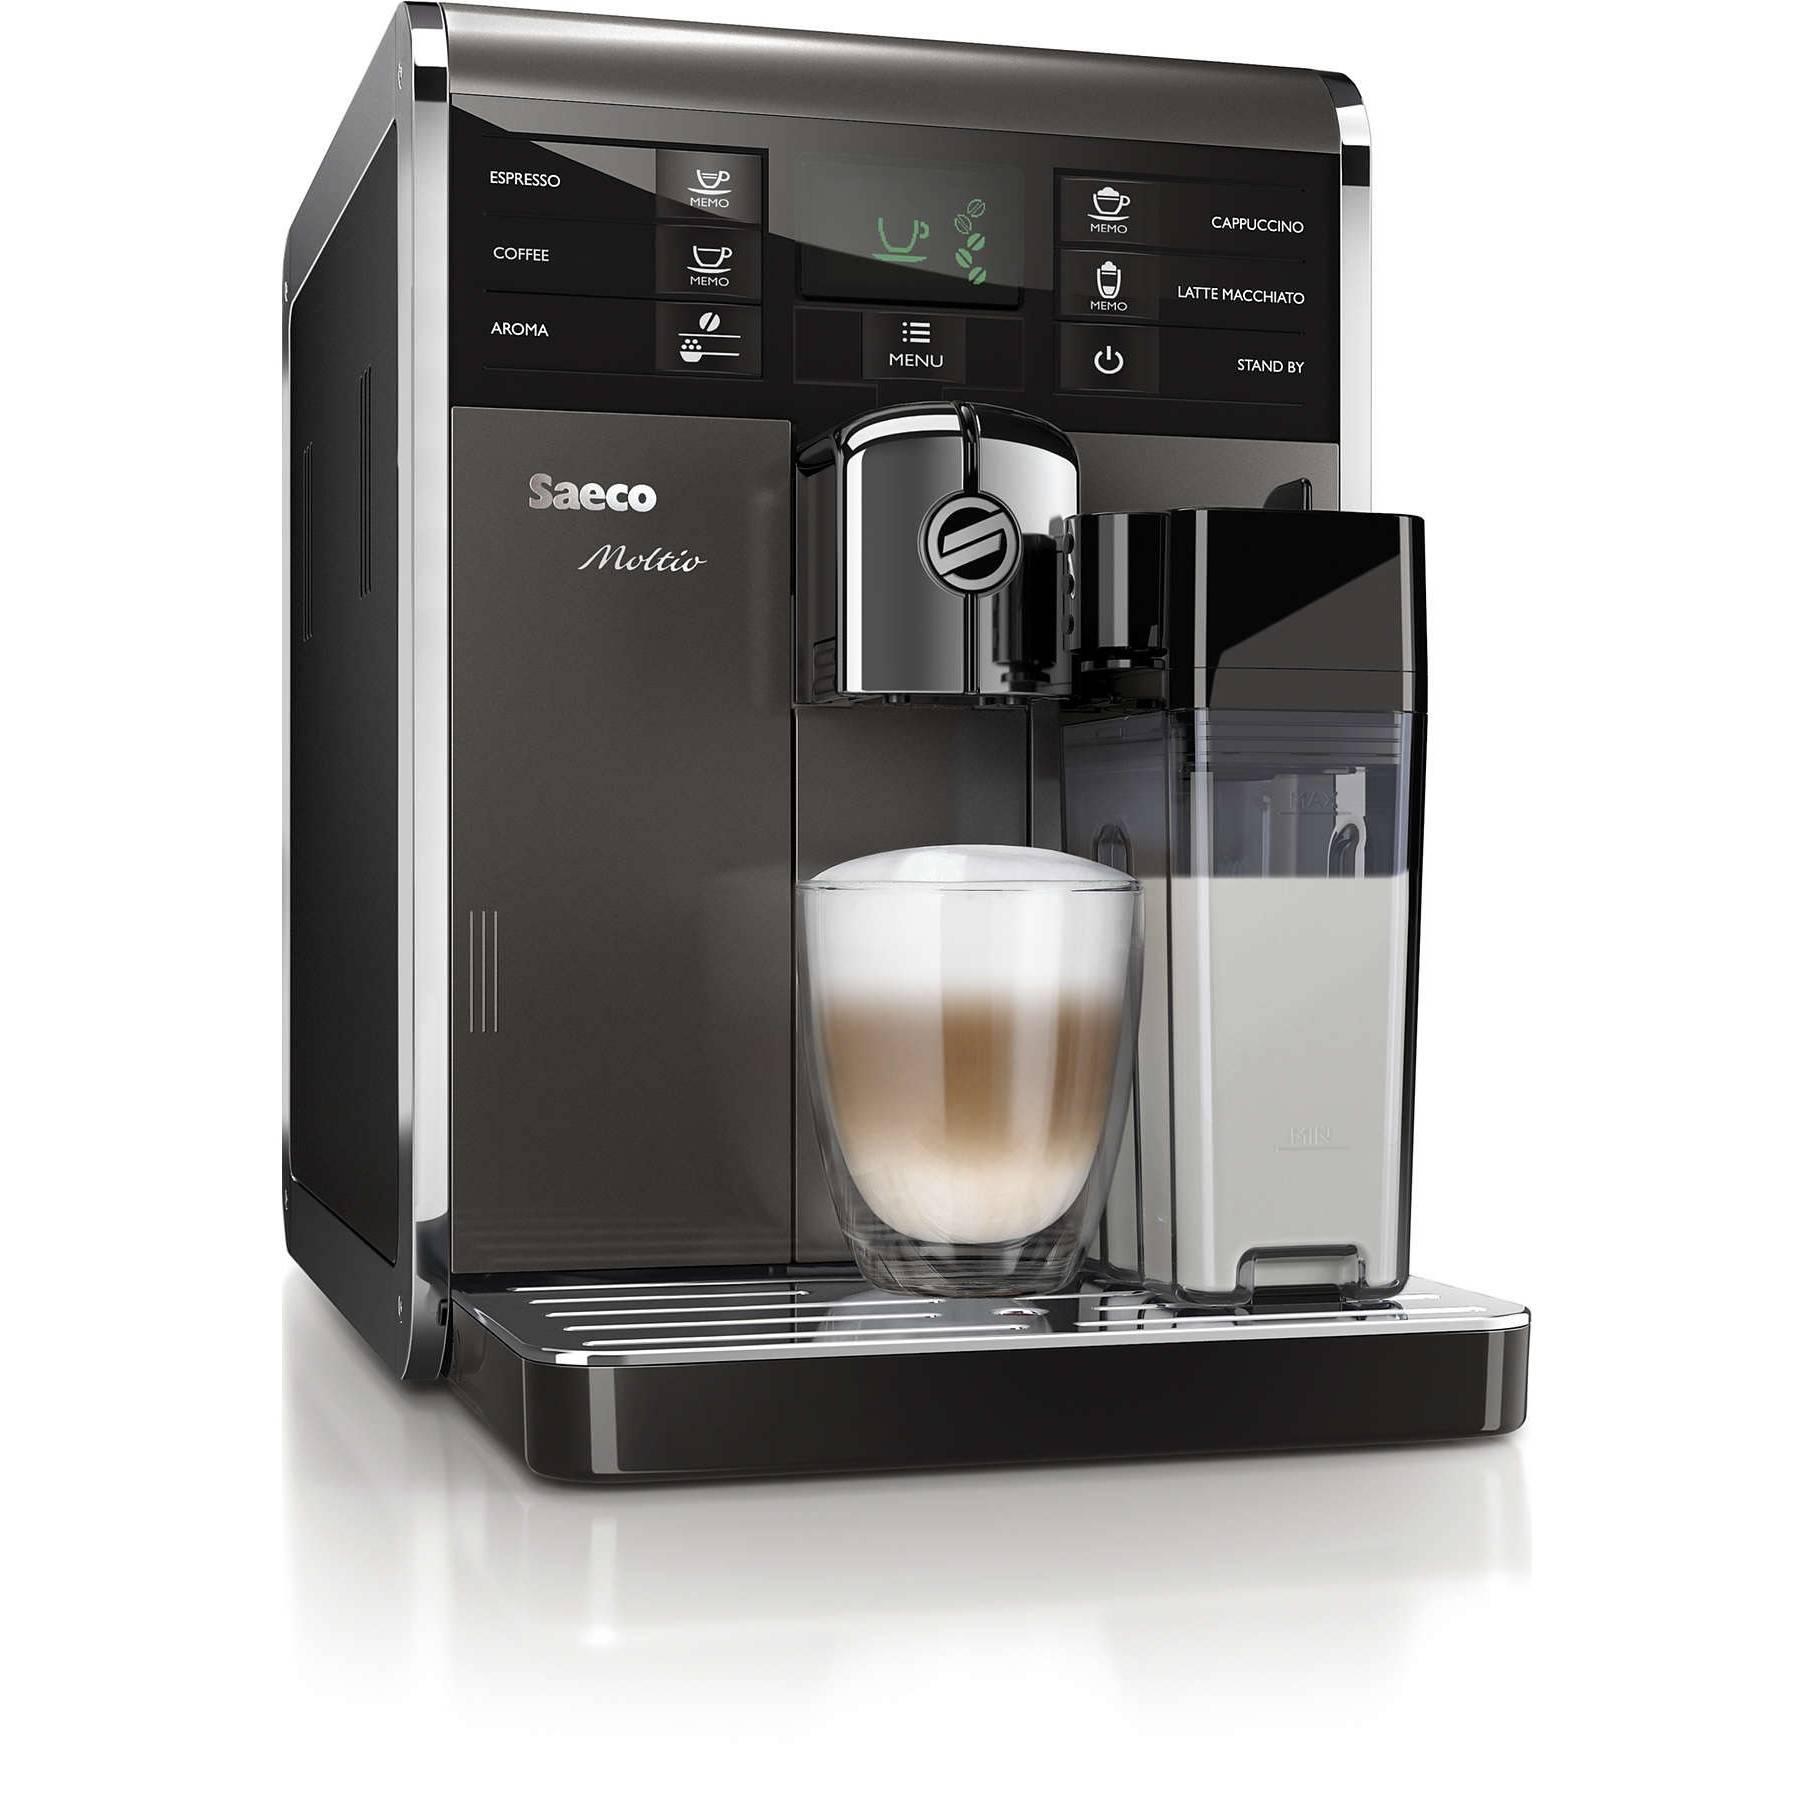 Кофемашина philips saeco, чем отличается и как выбрать хорошую модель